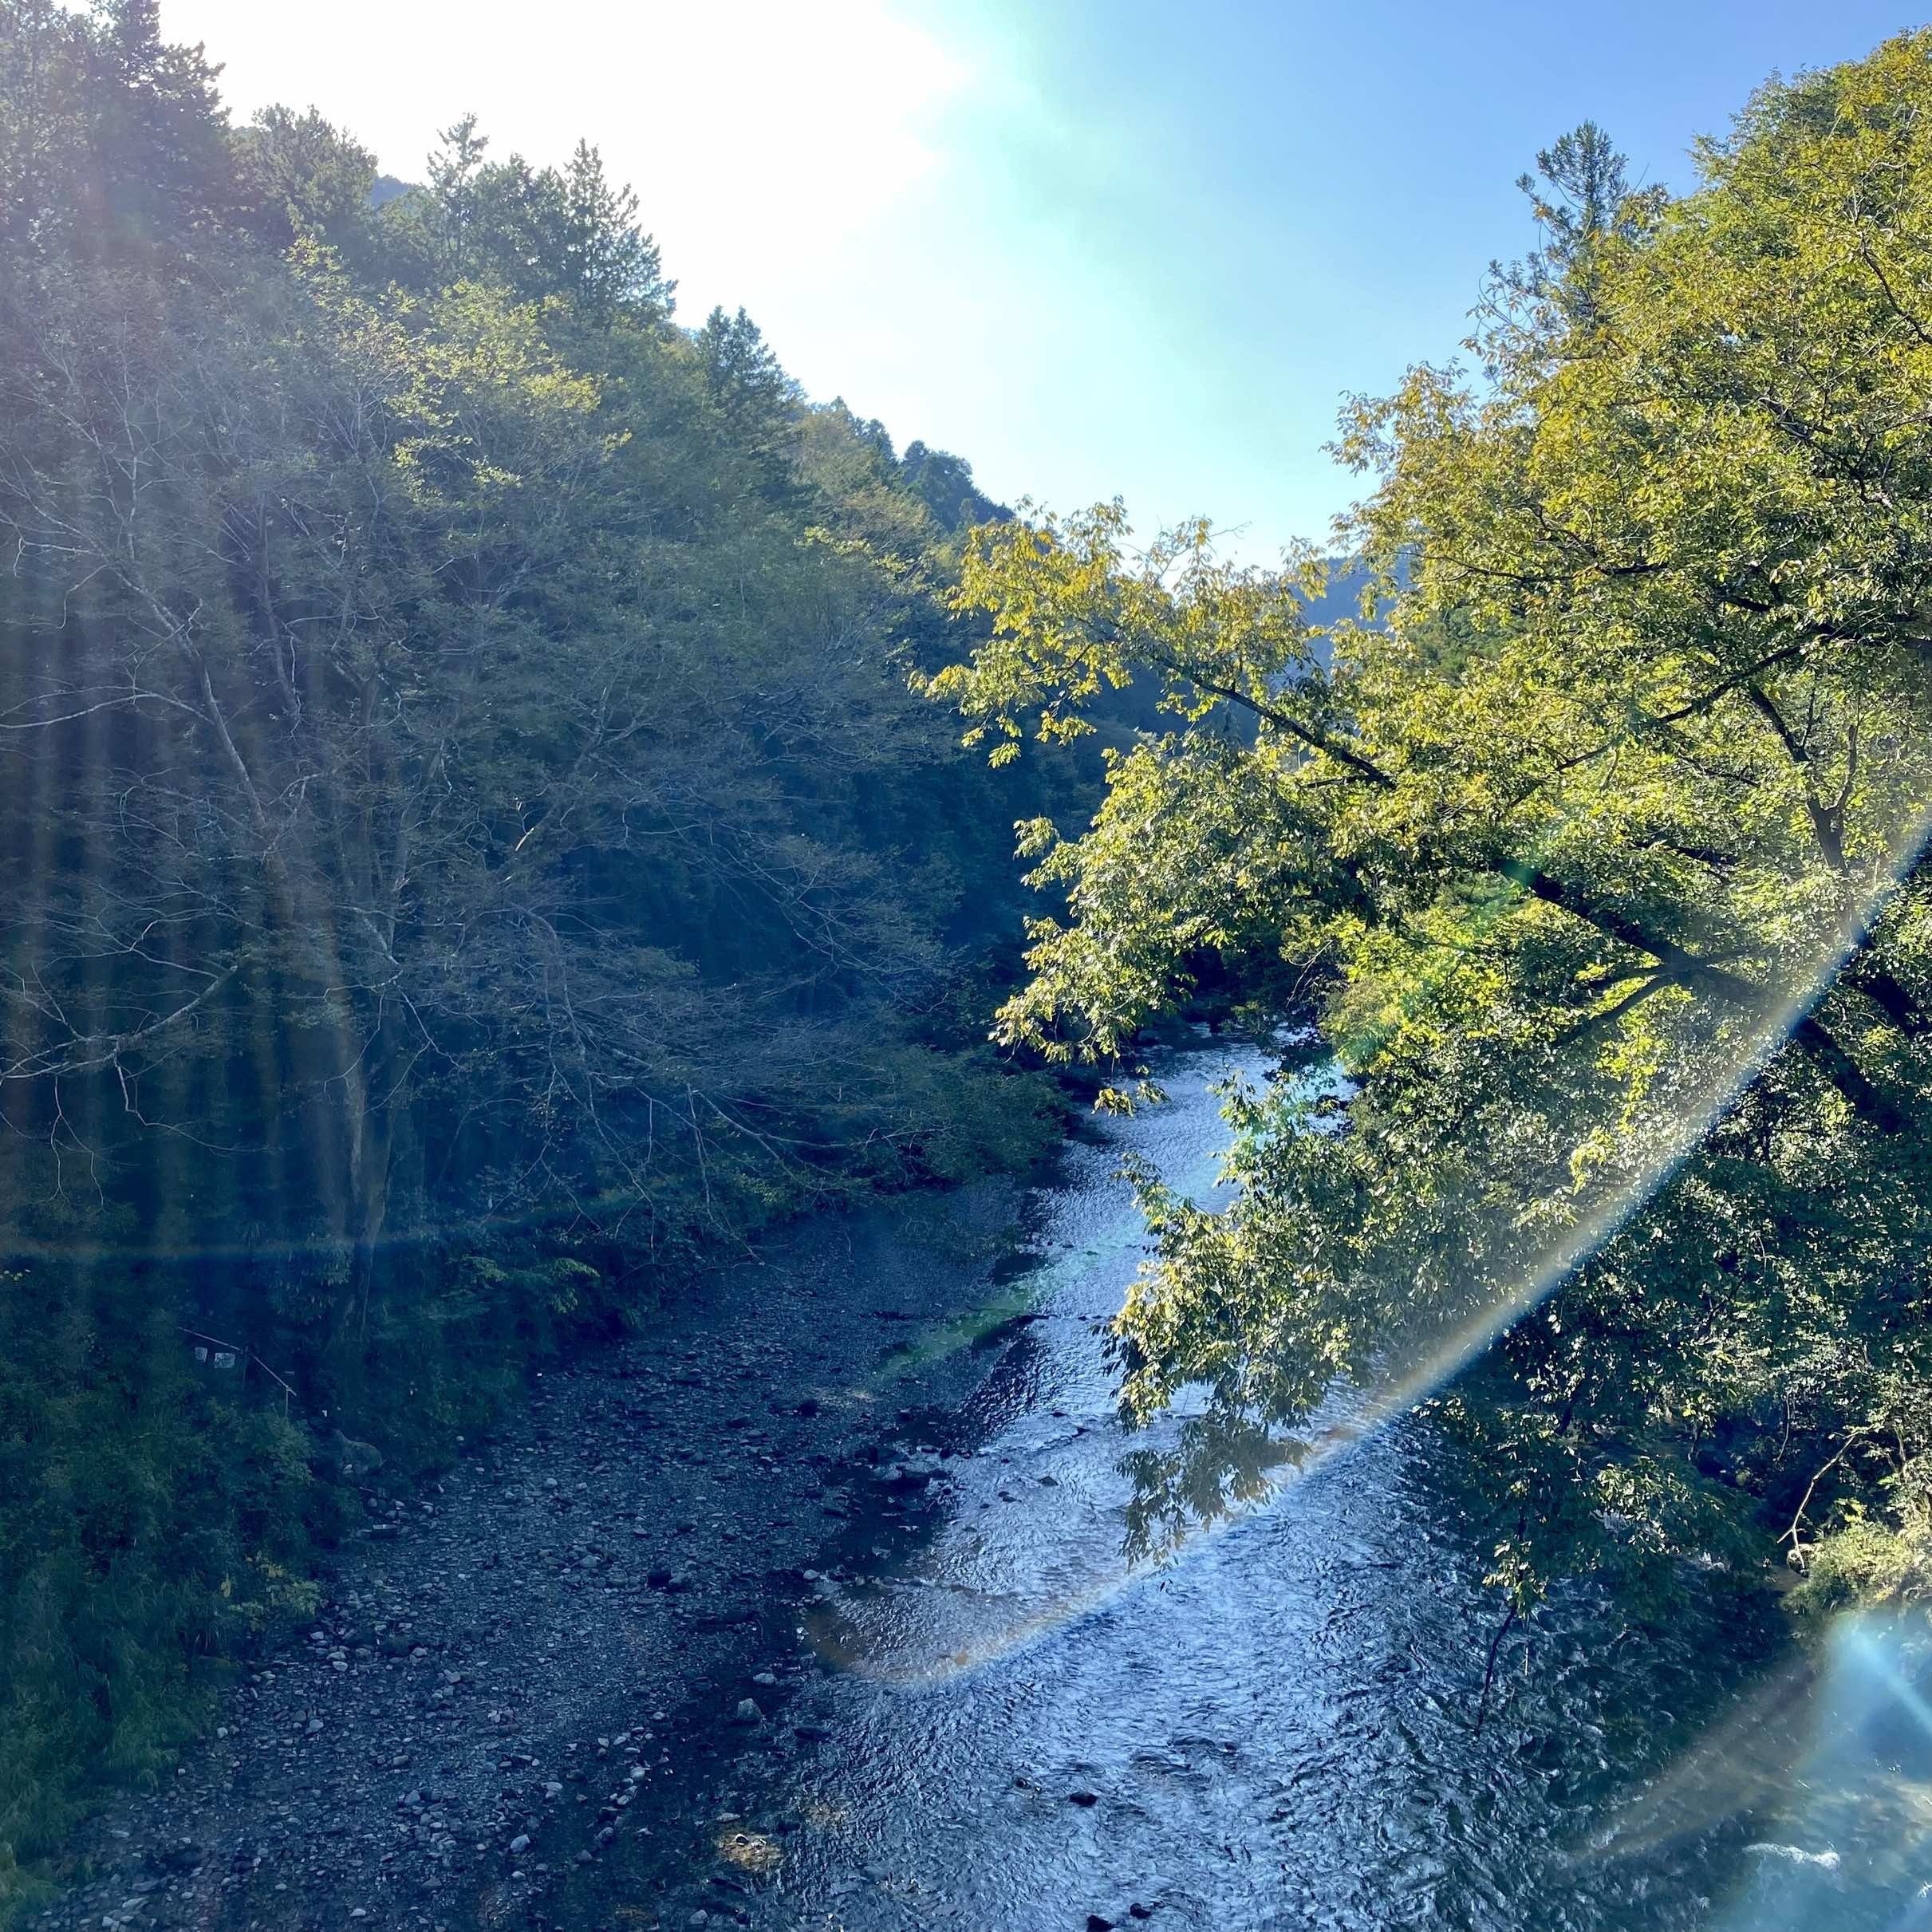 川がとても綺麗でした